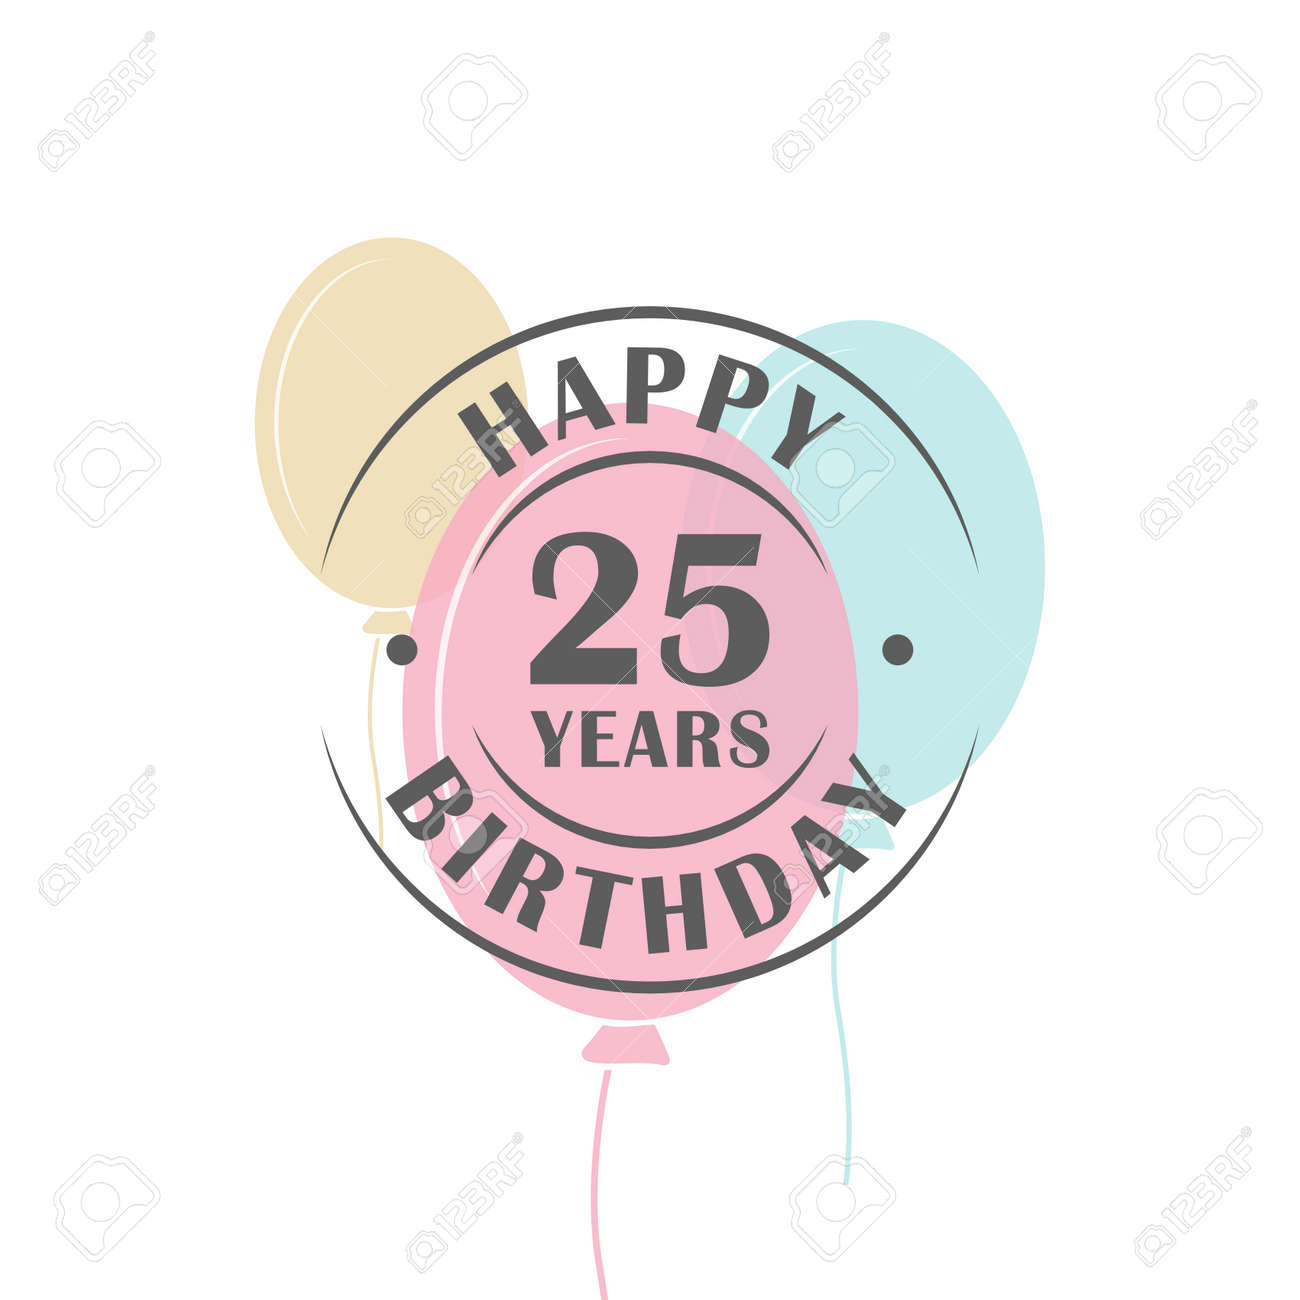 Joyeux Anniversaire Logo 25 Ans Ronde Avec Des Ballons De Fete Modele De Carte De Voeux Clip Art Libres De Droits Vecteurs Et Illustration Image 65864428